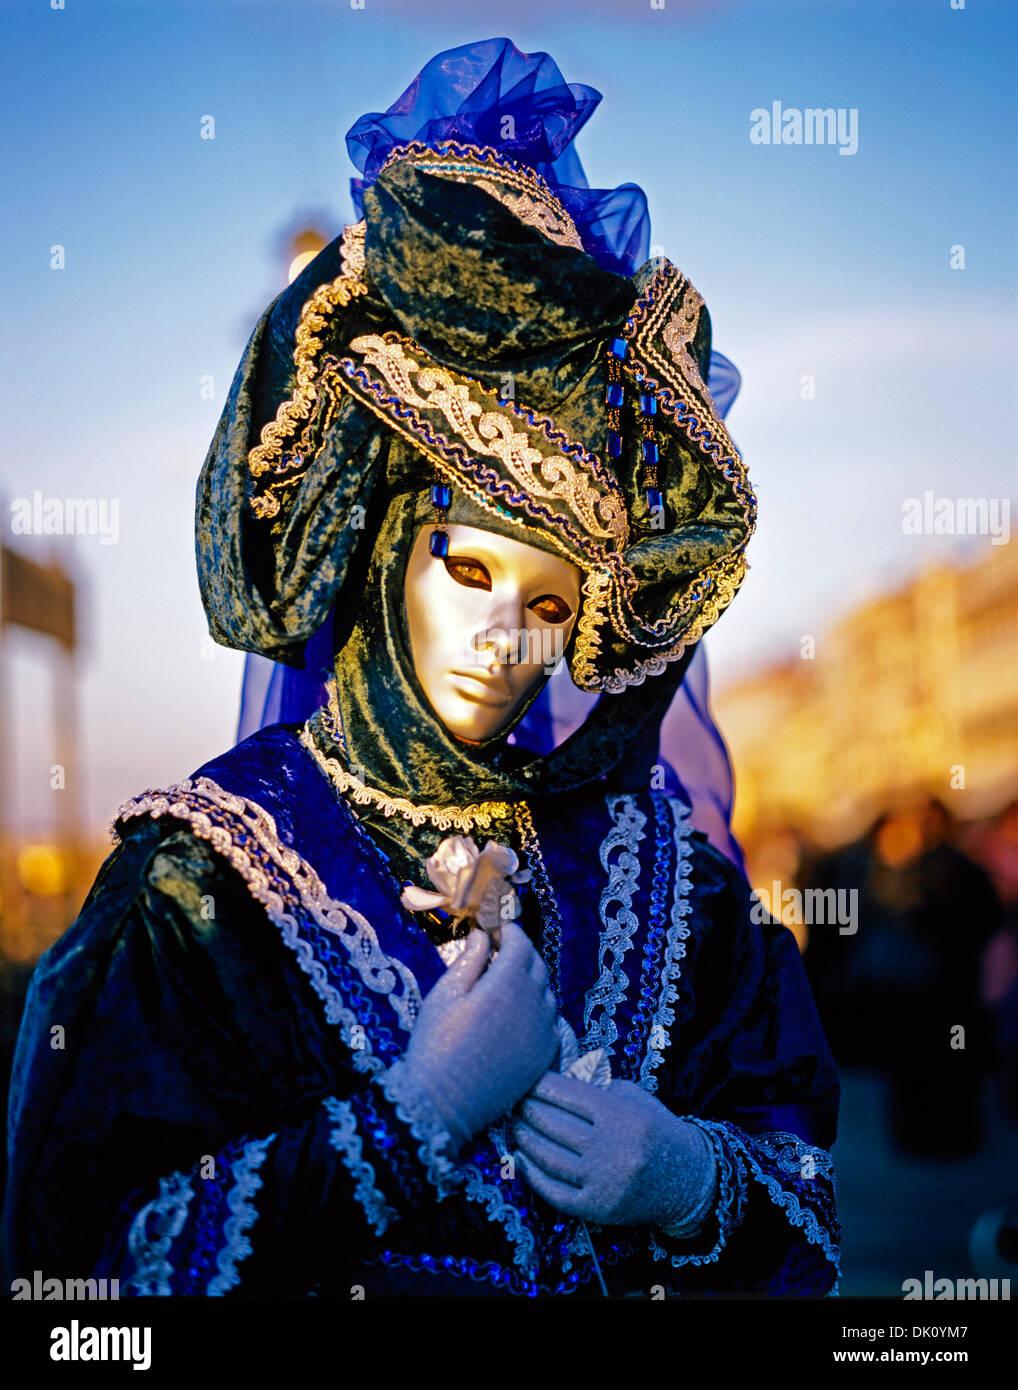 Partecipante in costume all annuale Carnevale mascherato, Venezia, Italia e Europa Immagini Stock